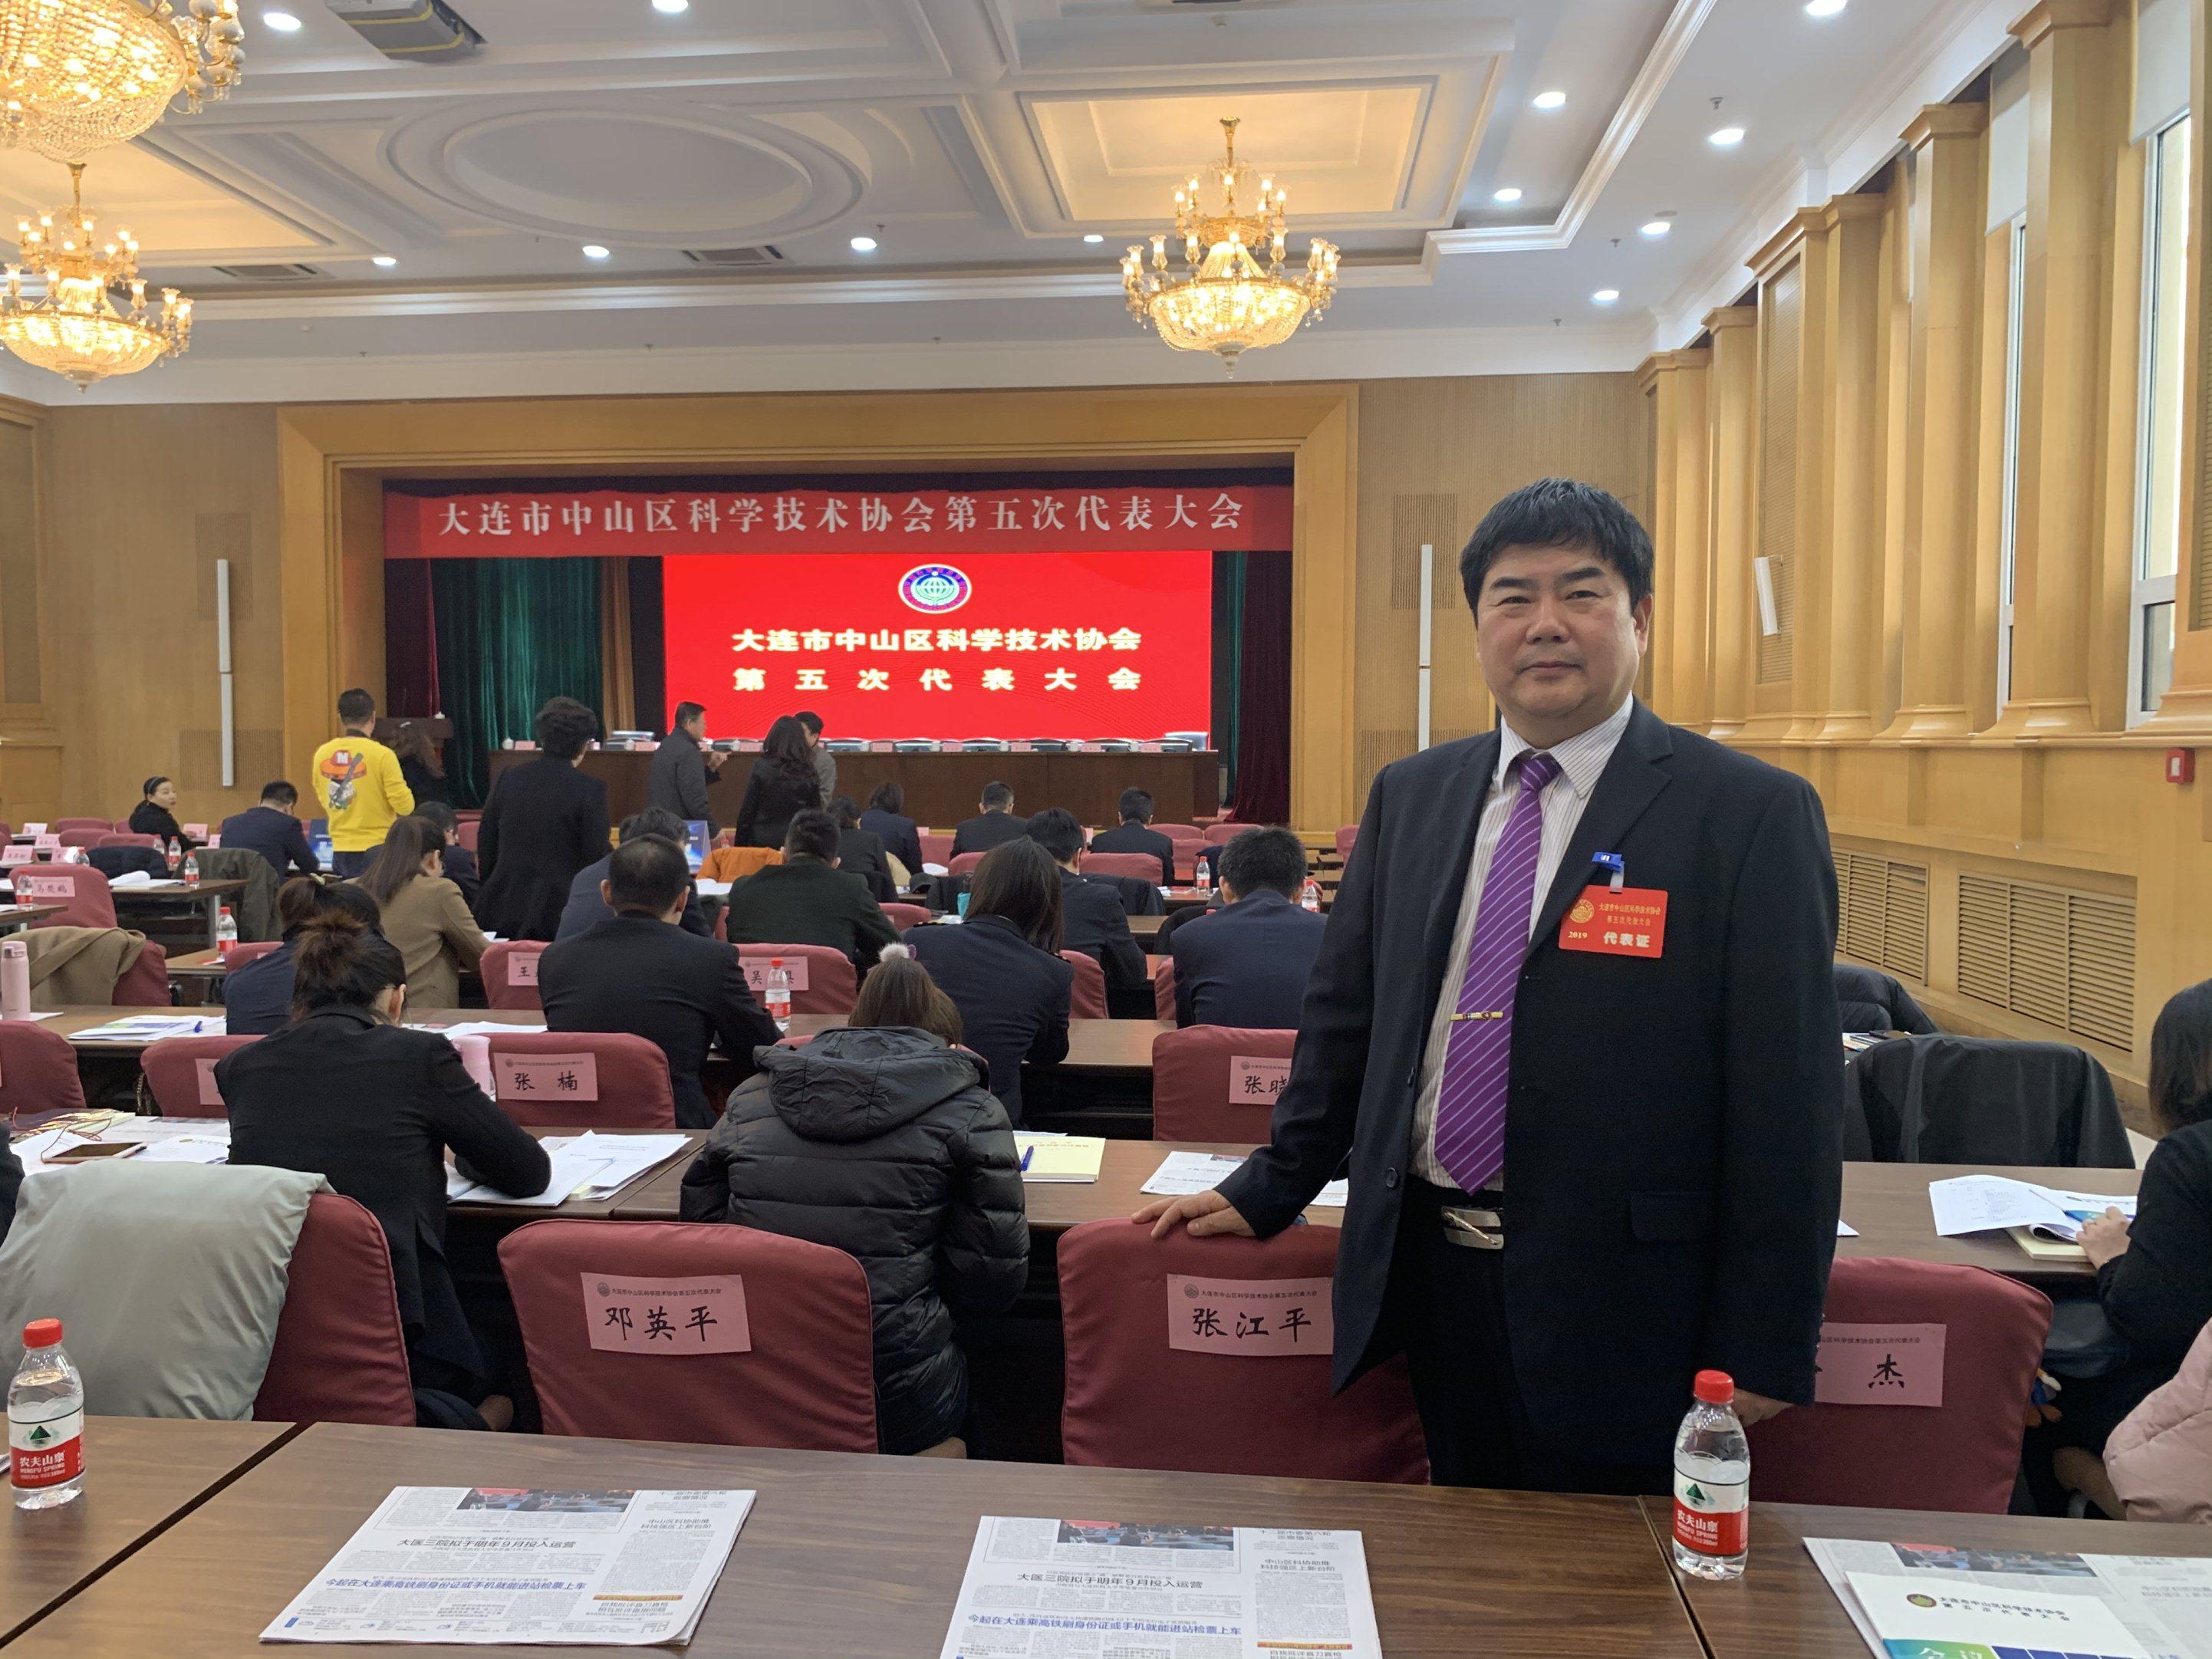 一个归国博士后的医美之路丨张江平博士后专访